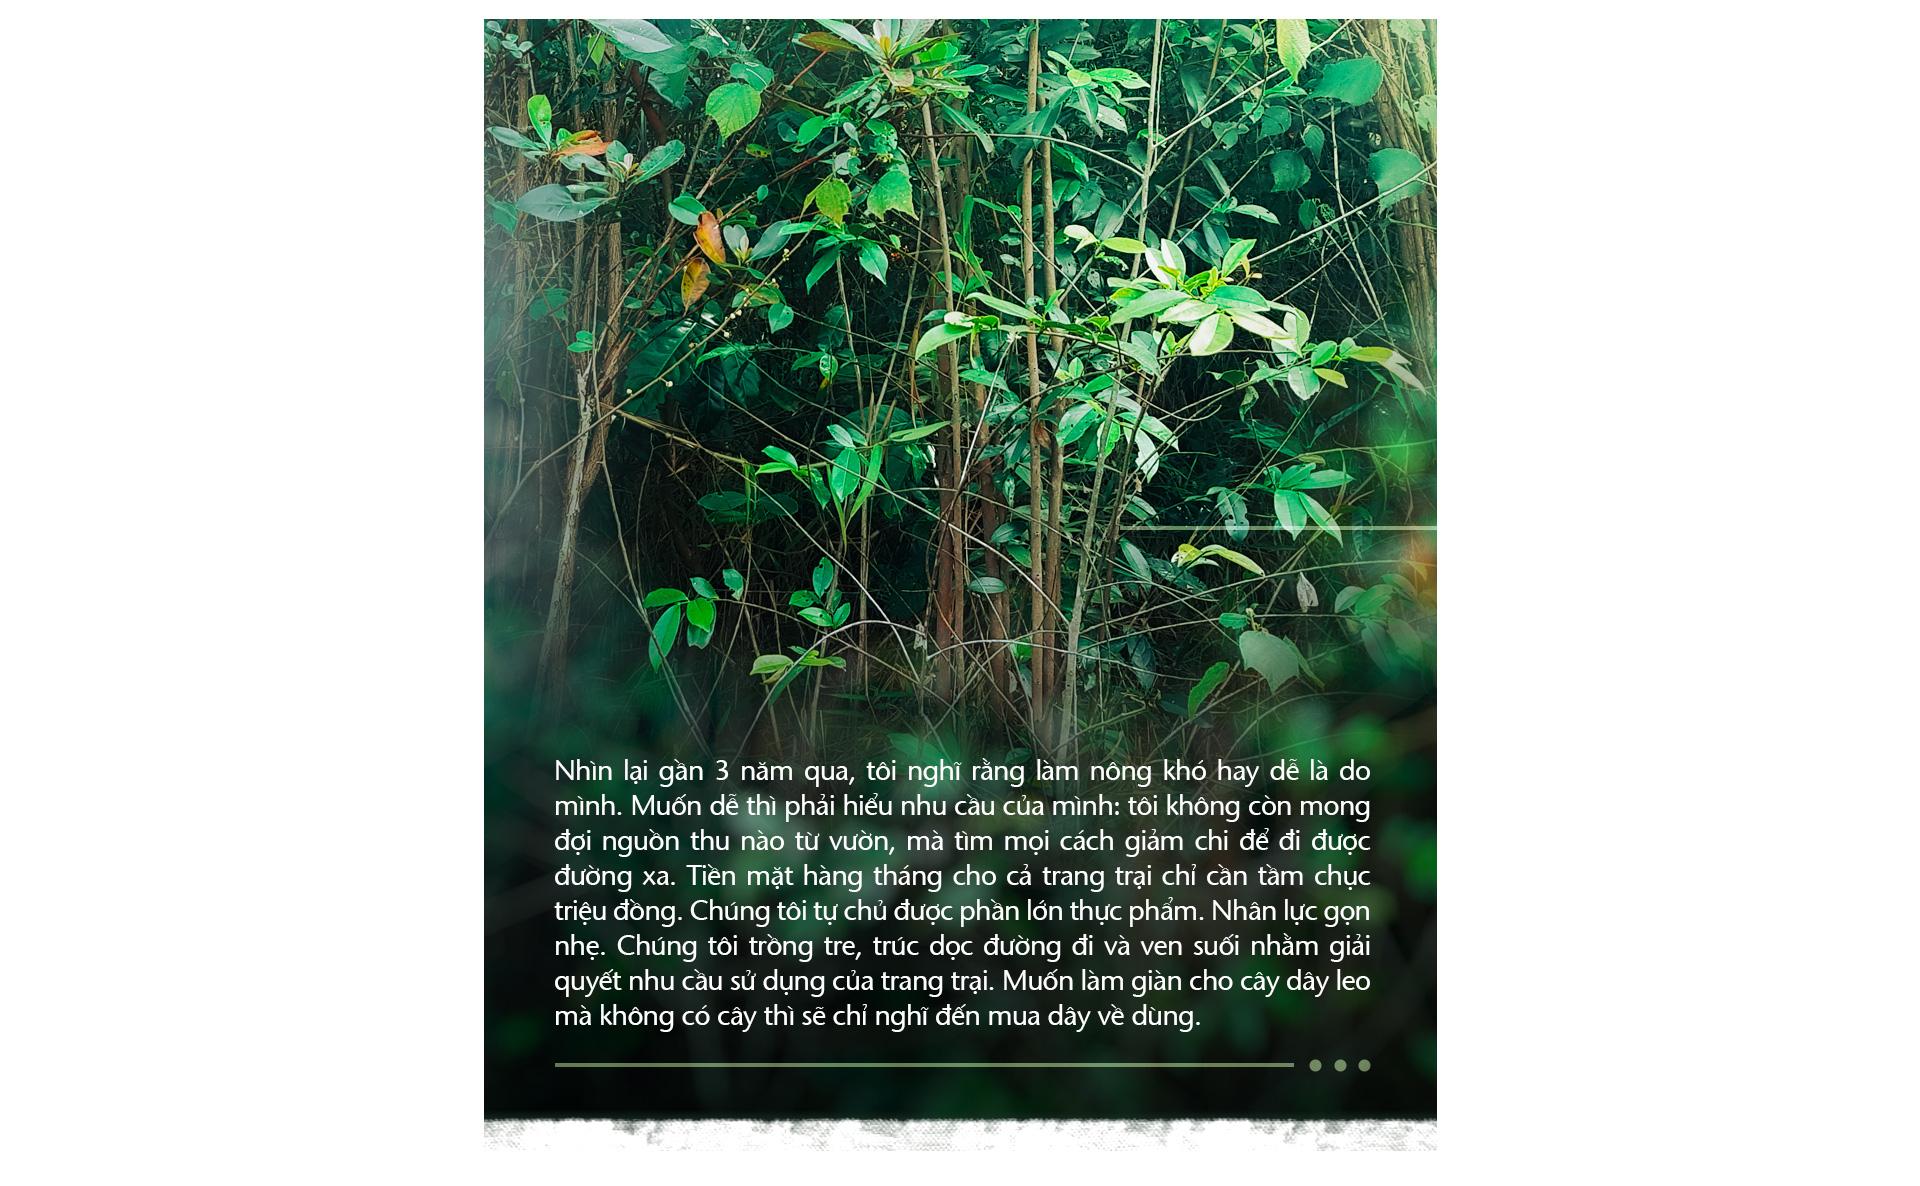 Trồng cây và nương tựa tự nhiên - Ảnh 10.